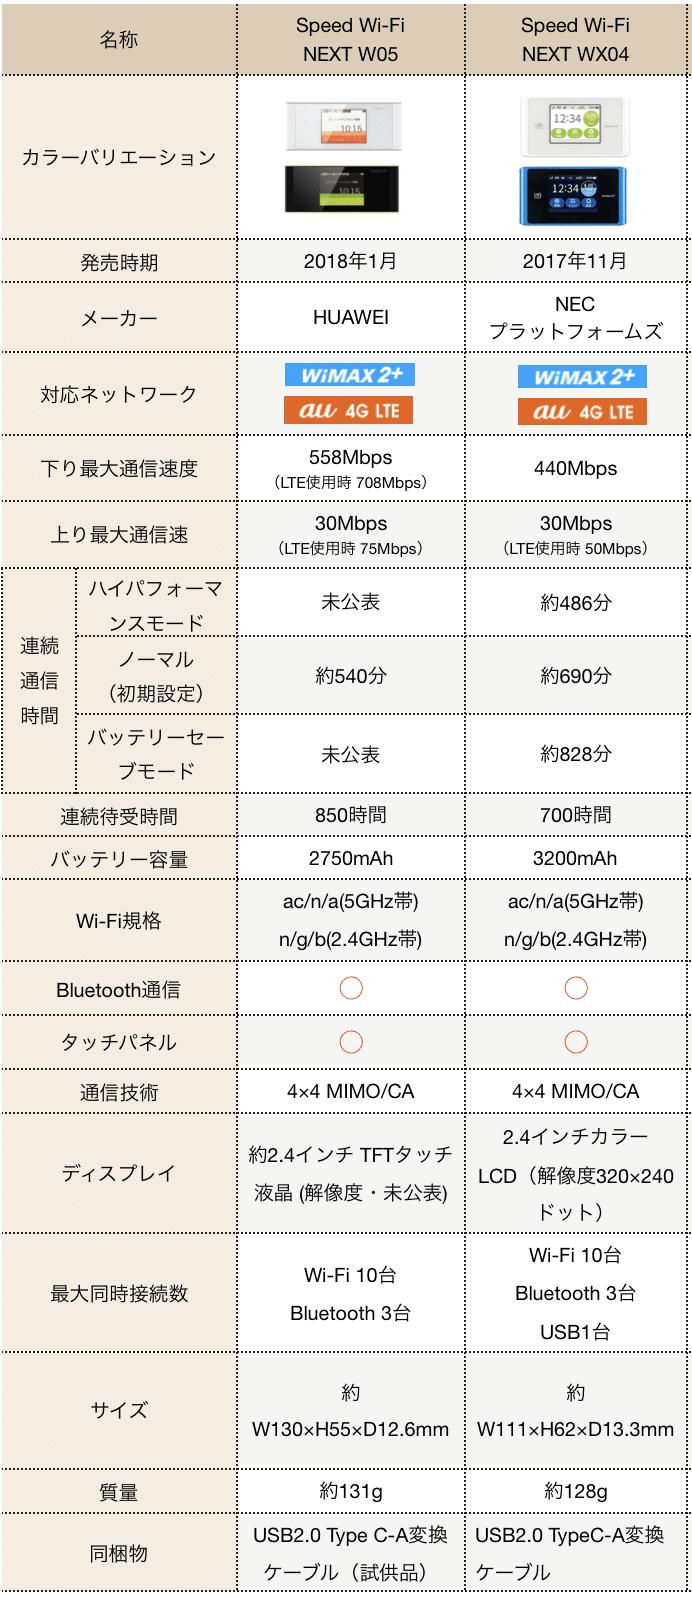 W05とWX04の比較表